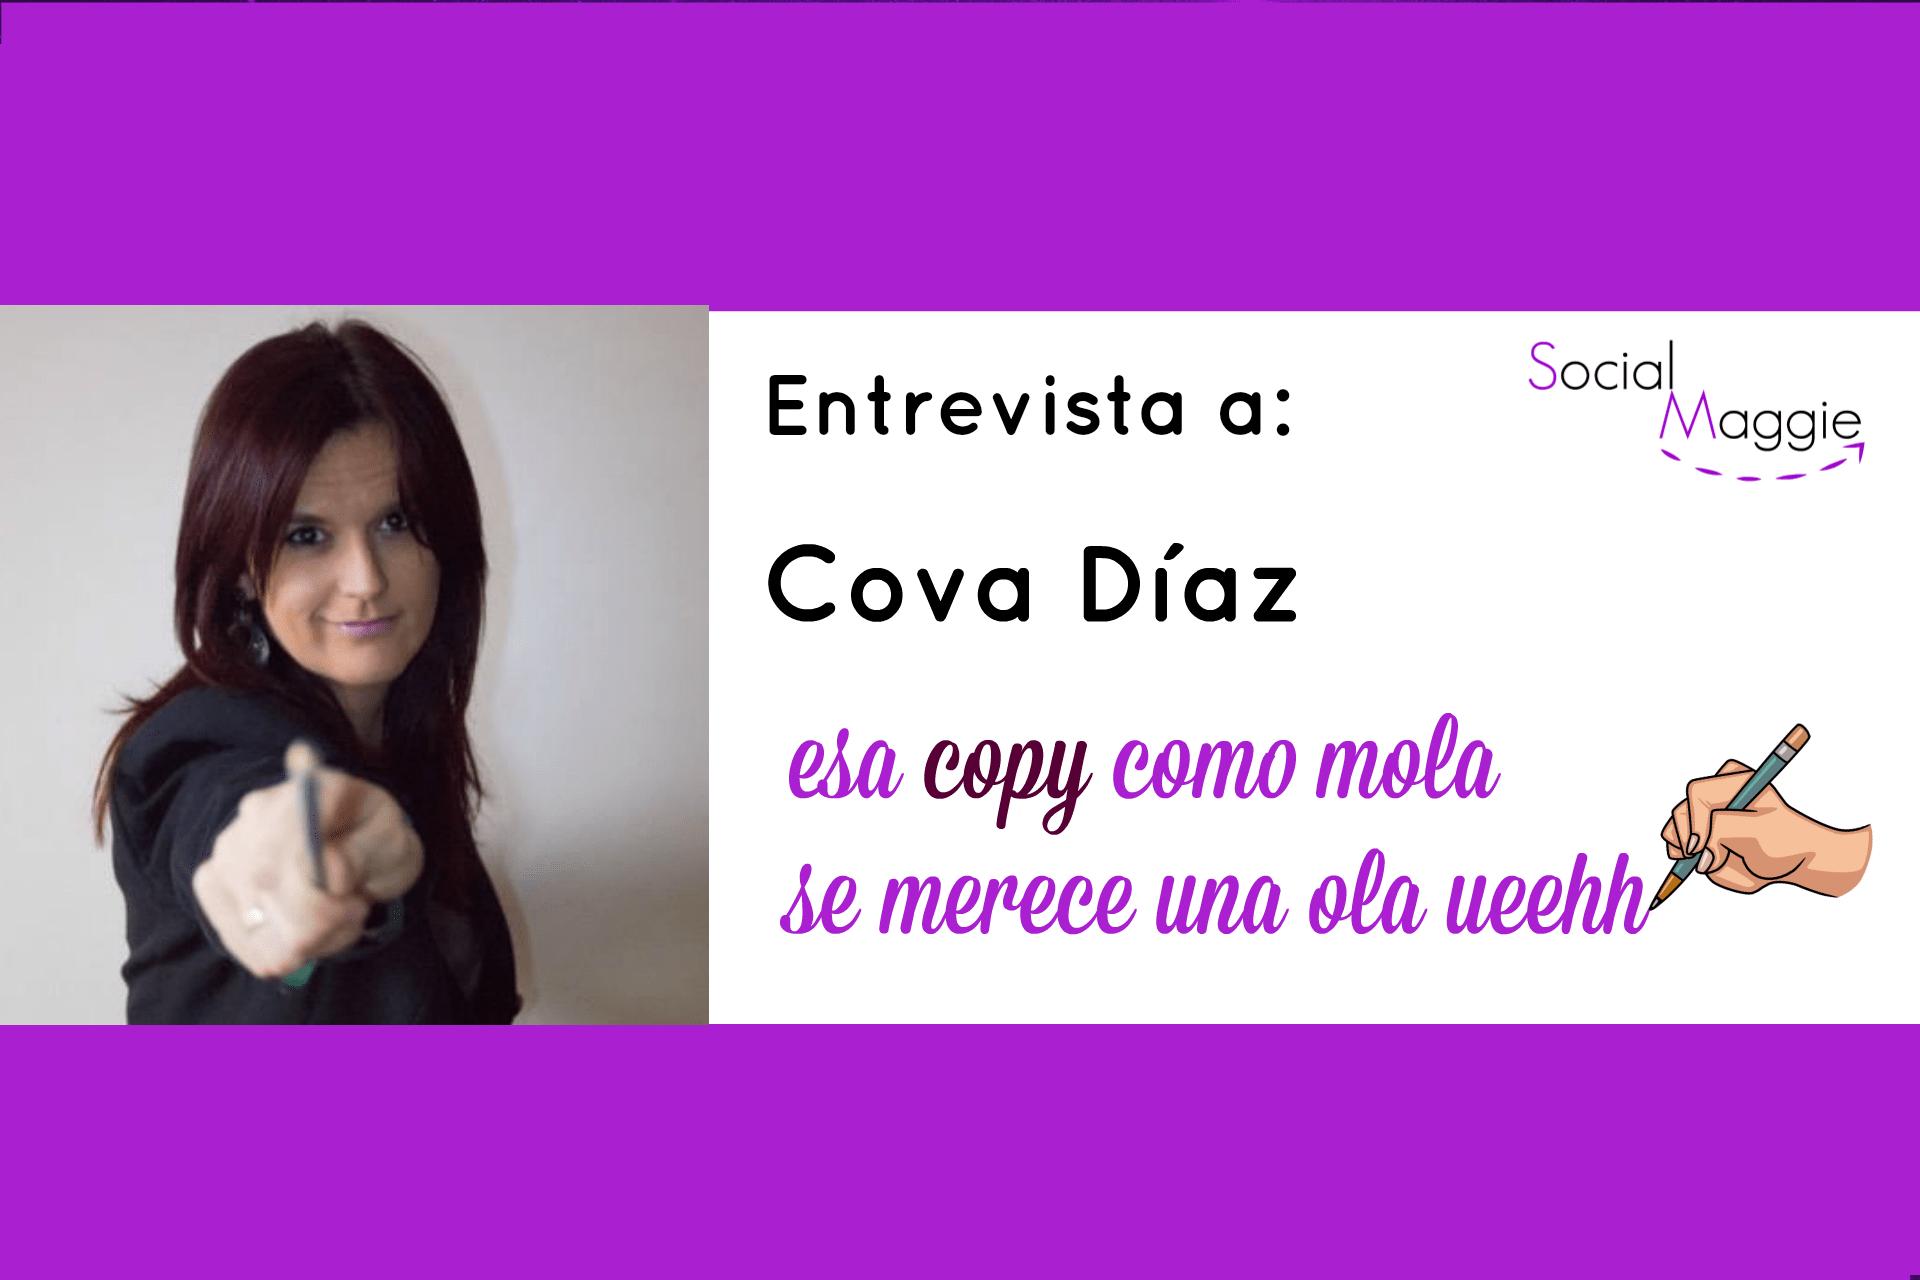 """Entrevista a Cova Díaz – """"Escribe para crear una comunidad, no solo para vender"""""""